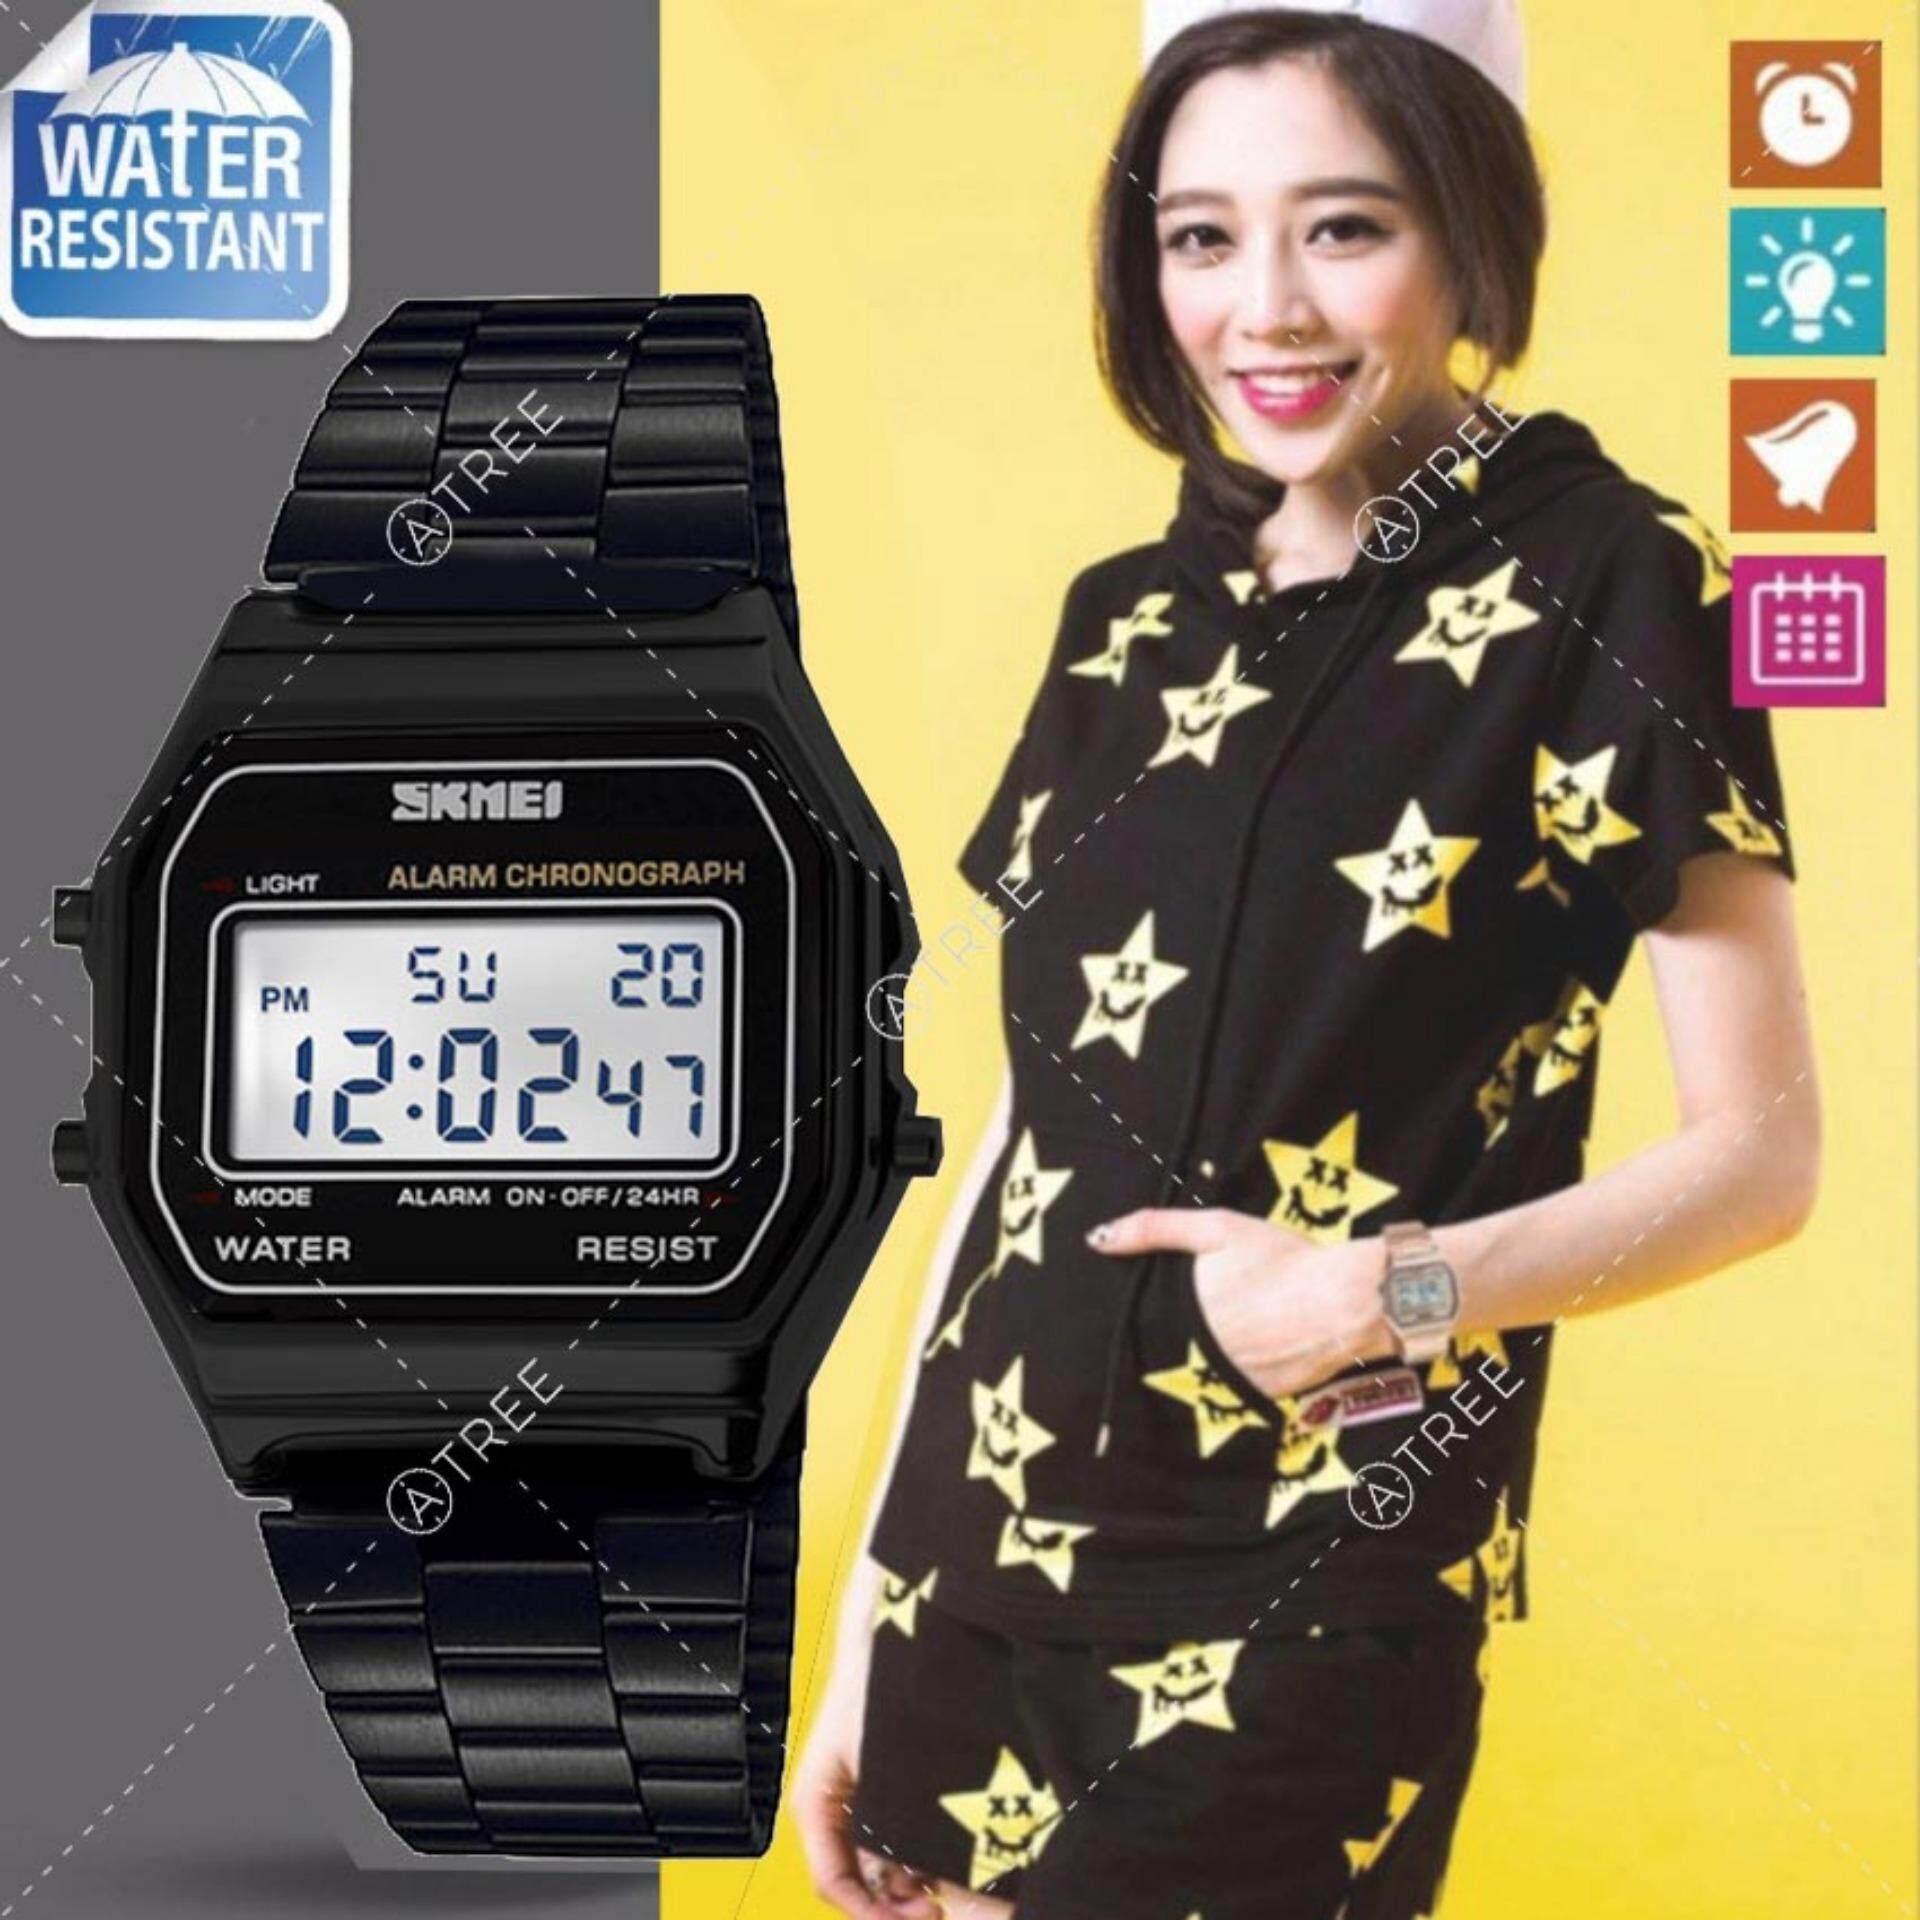 Skmei ของแท้ 100 ส่งในไทยไวแน่นอน นาฬิกาข้อมือผู้หญิง สไตล์ Casual Bussiness Watch จับเวลา ตั้งปลุกได้ ไฟ Led ส่องสว่าง สายแสตนเลสสีดำ รุ่น Sk M1123 สีดำ Black เป็นต้นฉบับ